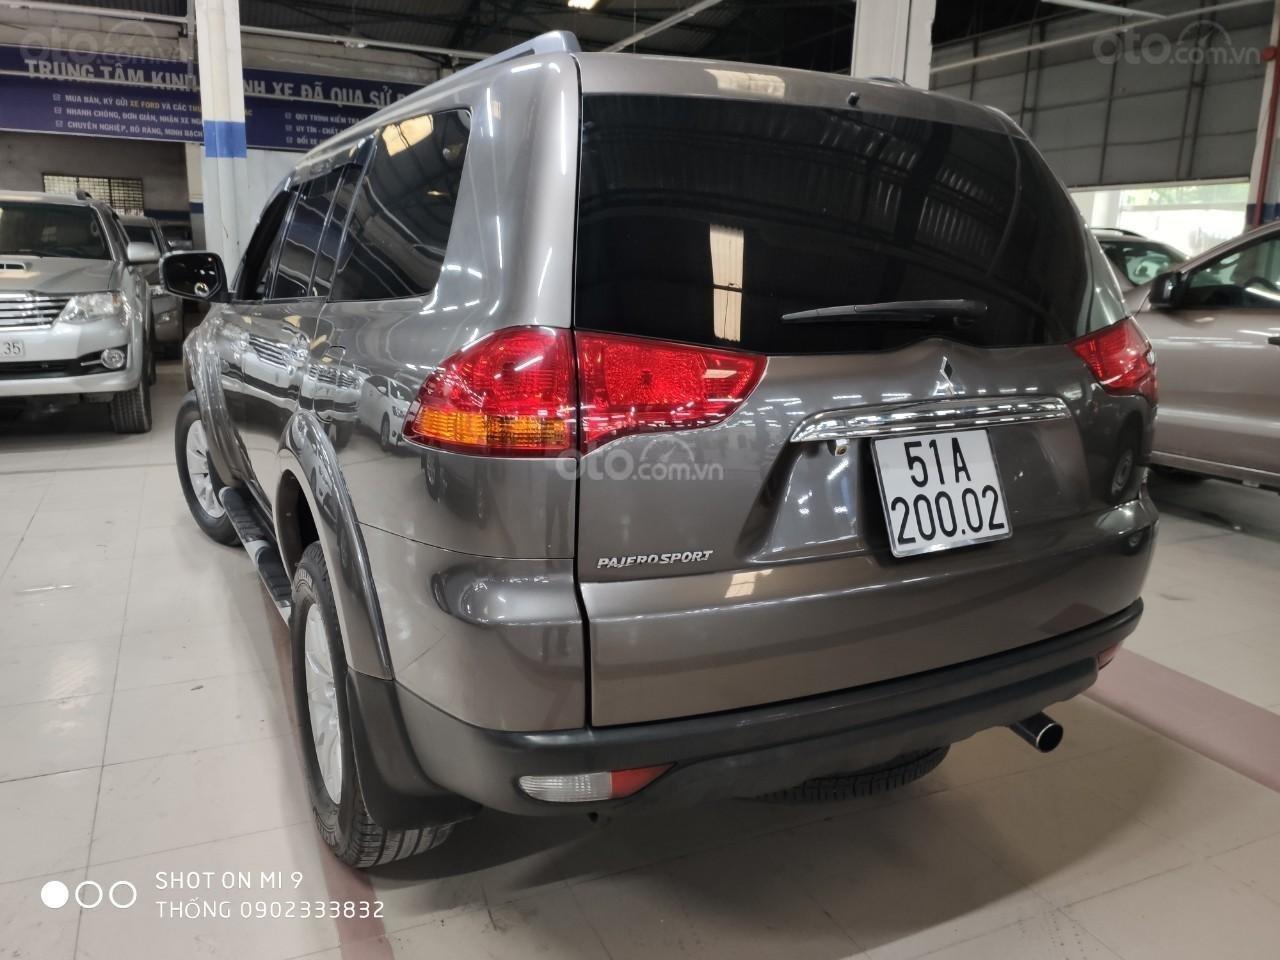 Bán xe Mitsubishi Pajero Sport đời 2011, màu nâu, xe nhập (4)